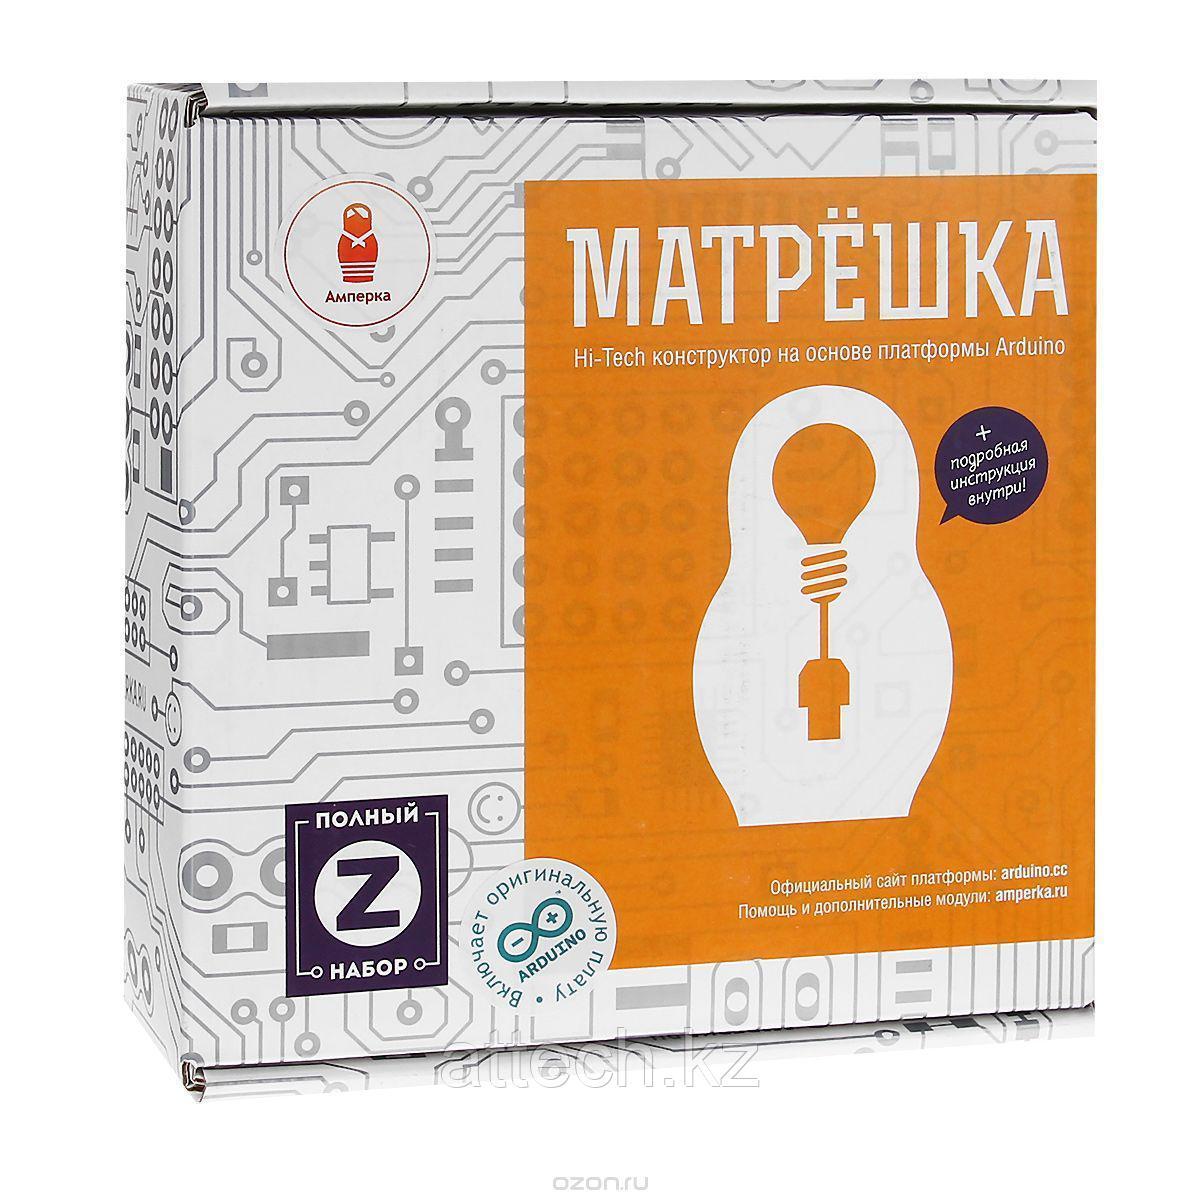 """Набор для обучения программированию """"Матрешка Z"""""""